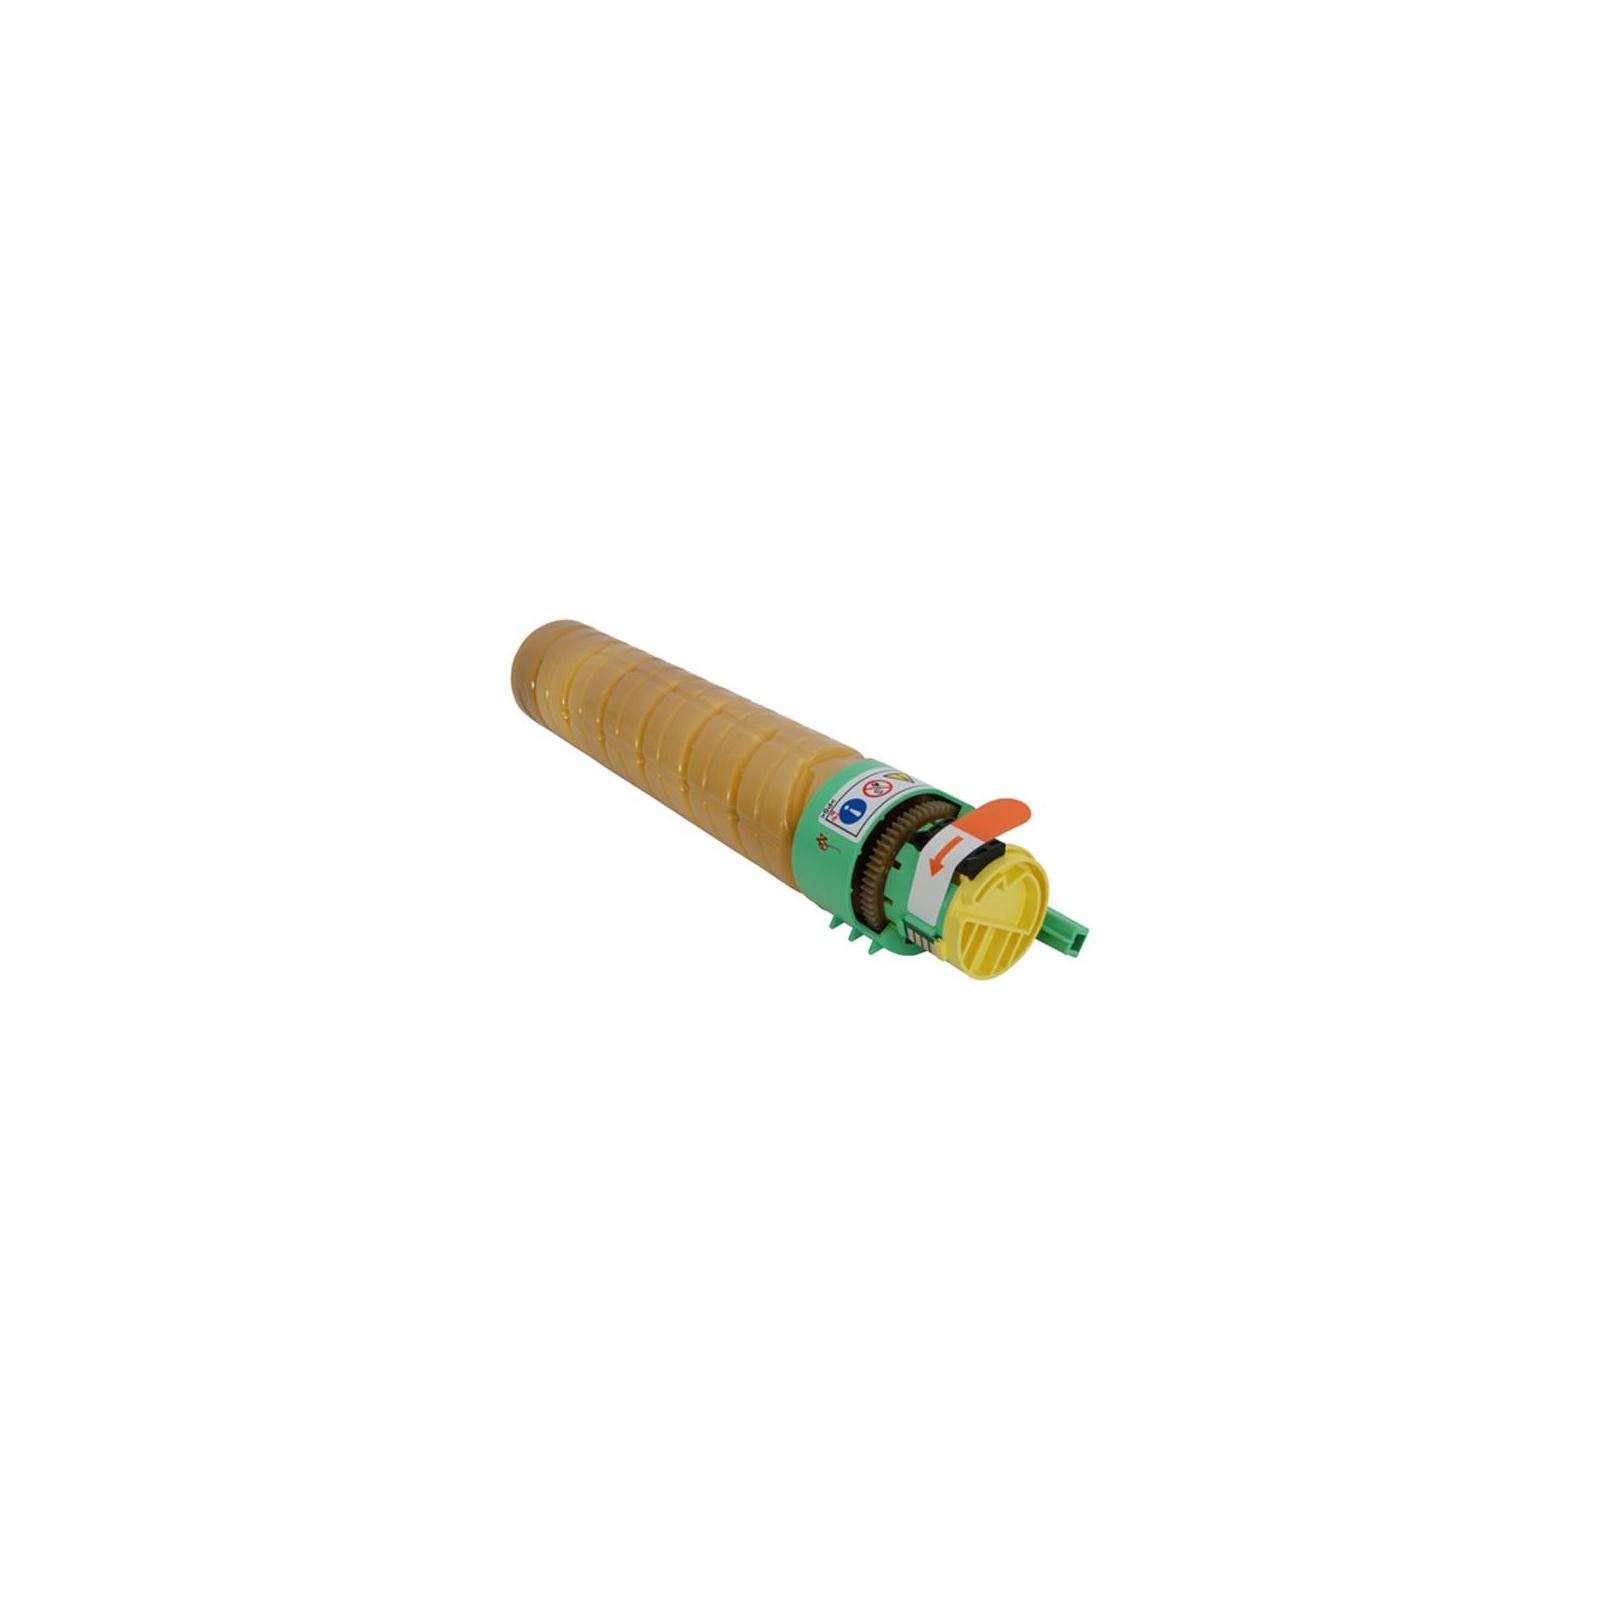 Тонер-картридж Ricoh SPC410/420 Yellow 15K (888309/888313)